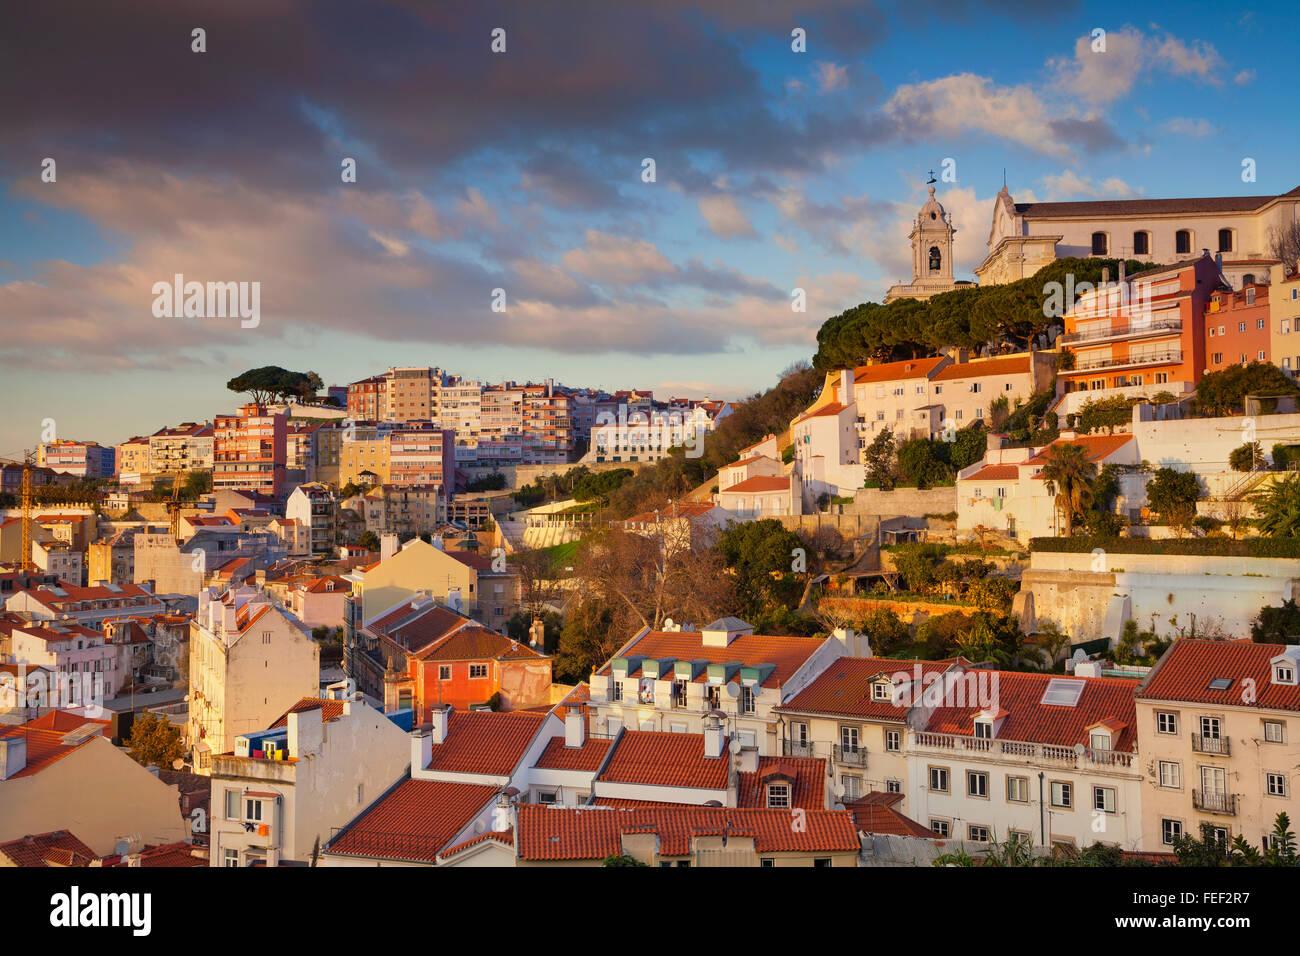 Lisbona. Immagine di Lisbona, Portogallo durante l ora d'oro. Immagini Stock